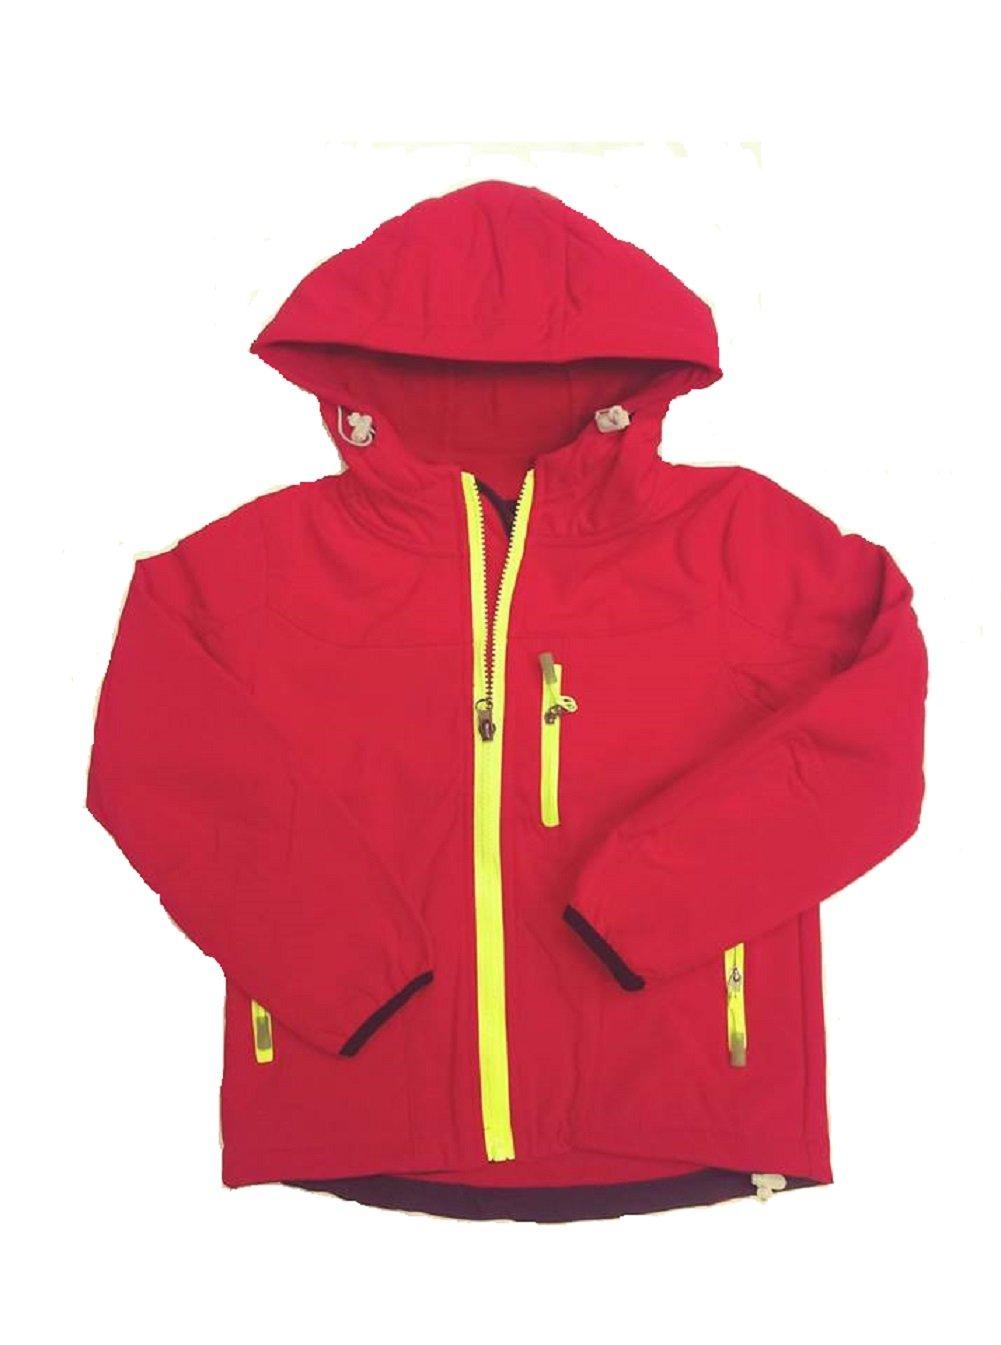 Girls Boys Waterproof Rain Jackets Wind Breaker Lined Jackets Hooded Warm Age 3-9 Years